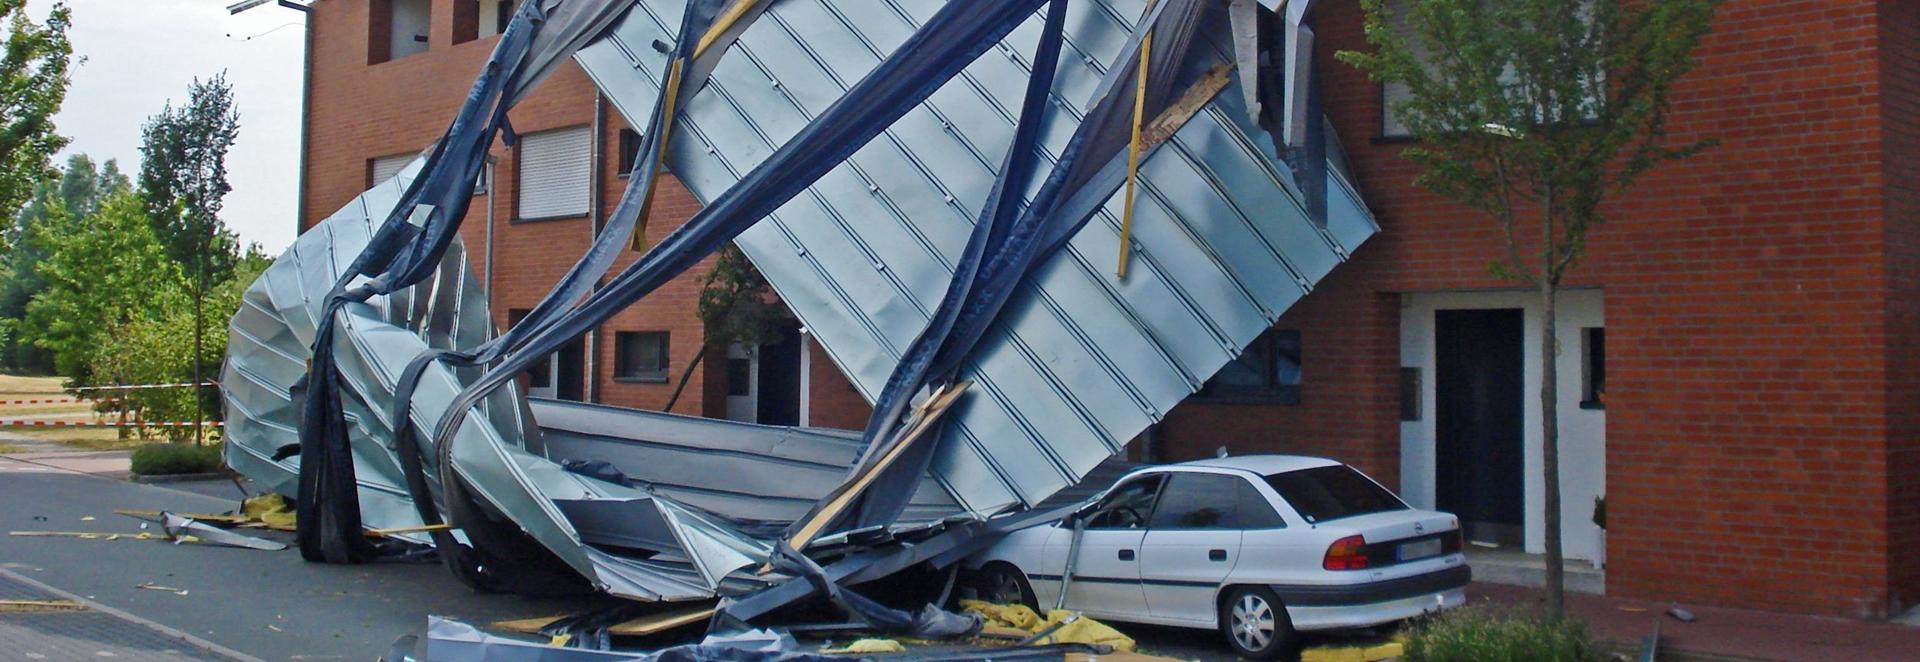 Wir zeigen Ihnen, welche Versicherung bei Sturmschäden an Gewerbeimmobilien wirklich zahlt